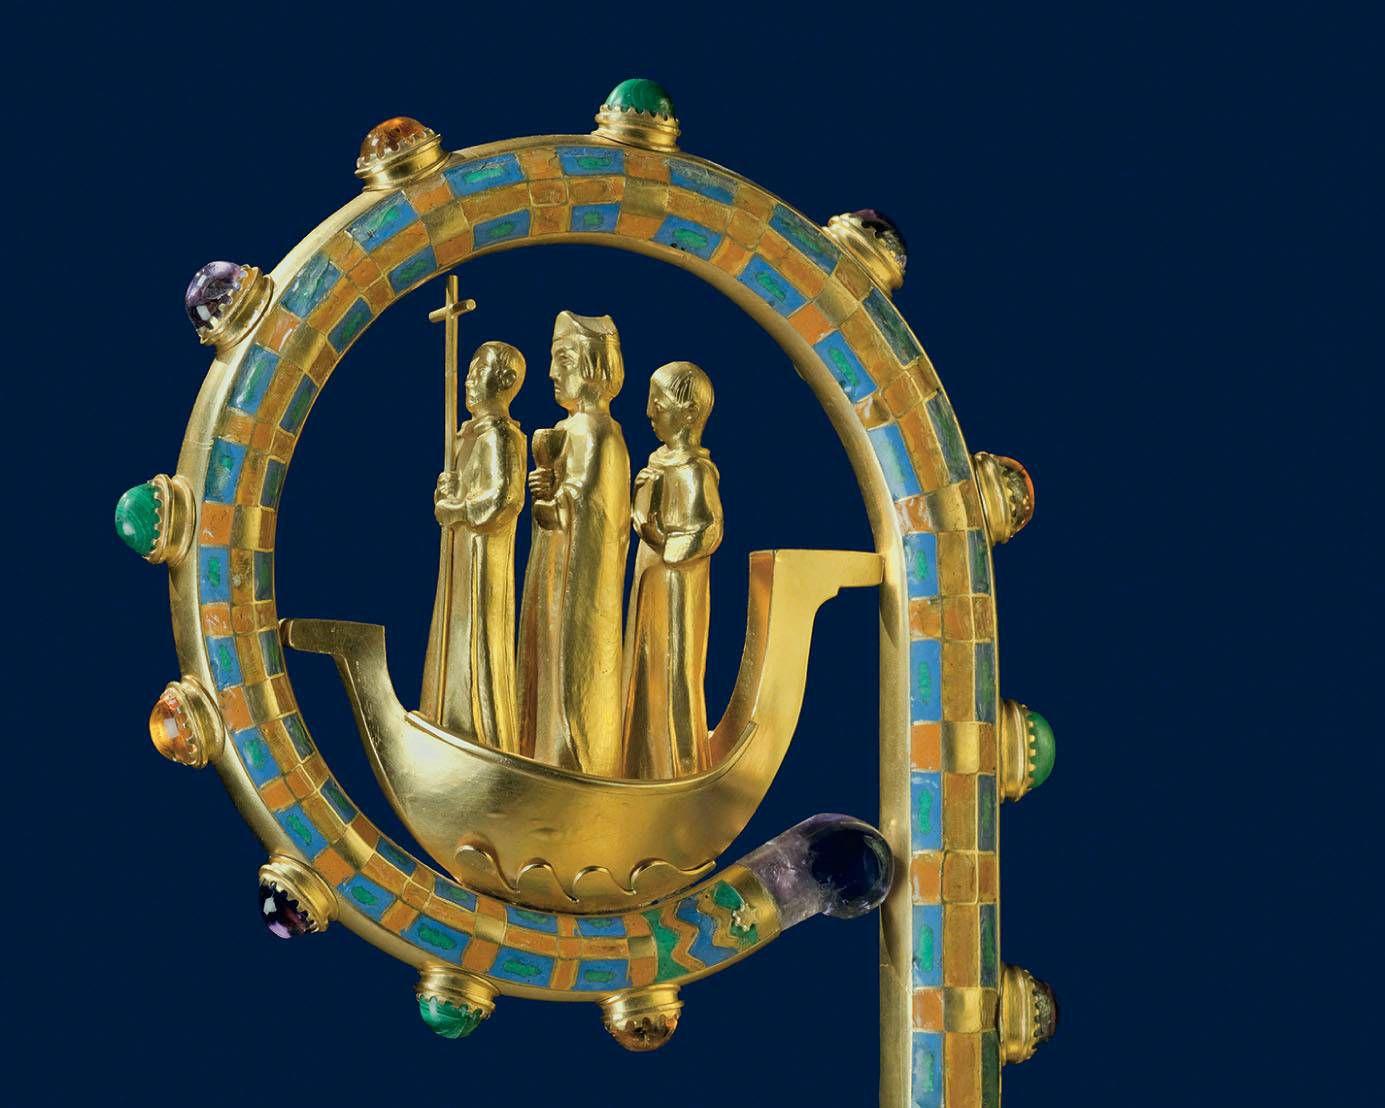 Ein Würzburger Bischofsstab von 1948 zeigt in seiner Krümme die Frankenapostel Kilian, Kolonat und Totnan in einem Boot. Ein Farbfoto zeigt diese Krümme zu Beginn des Eigenteils der Diözese Würzburg im Gotteslob.